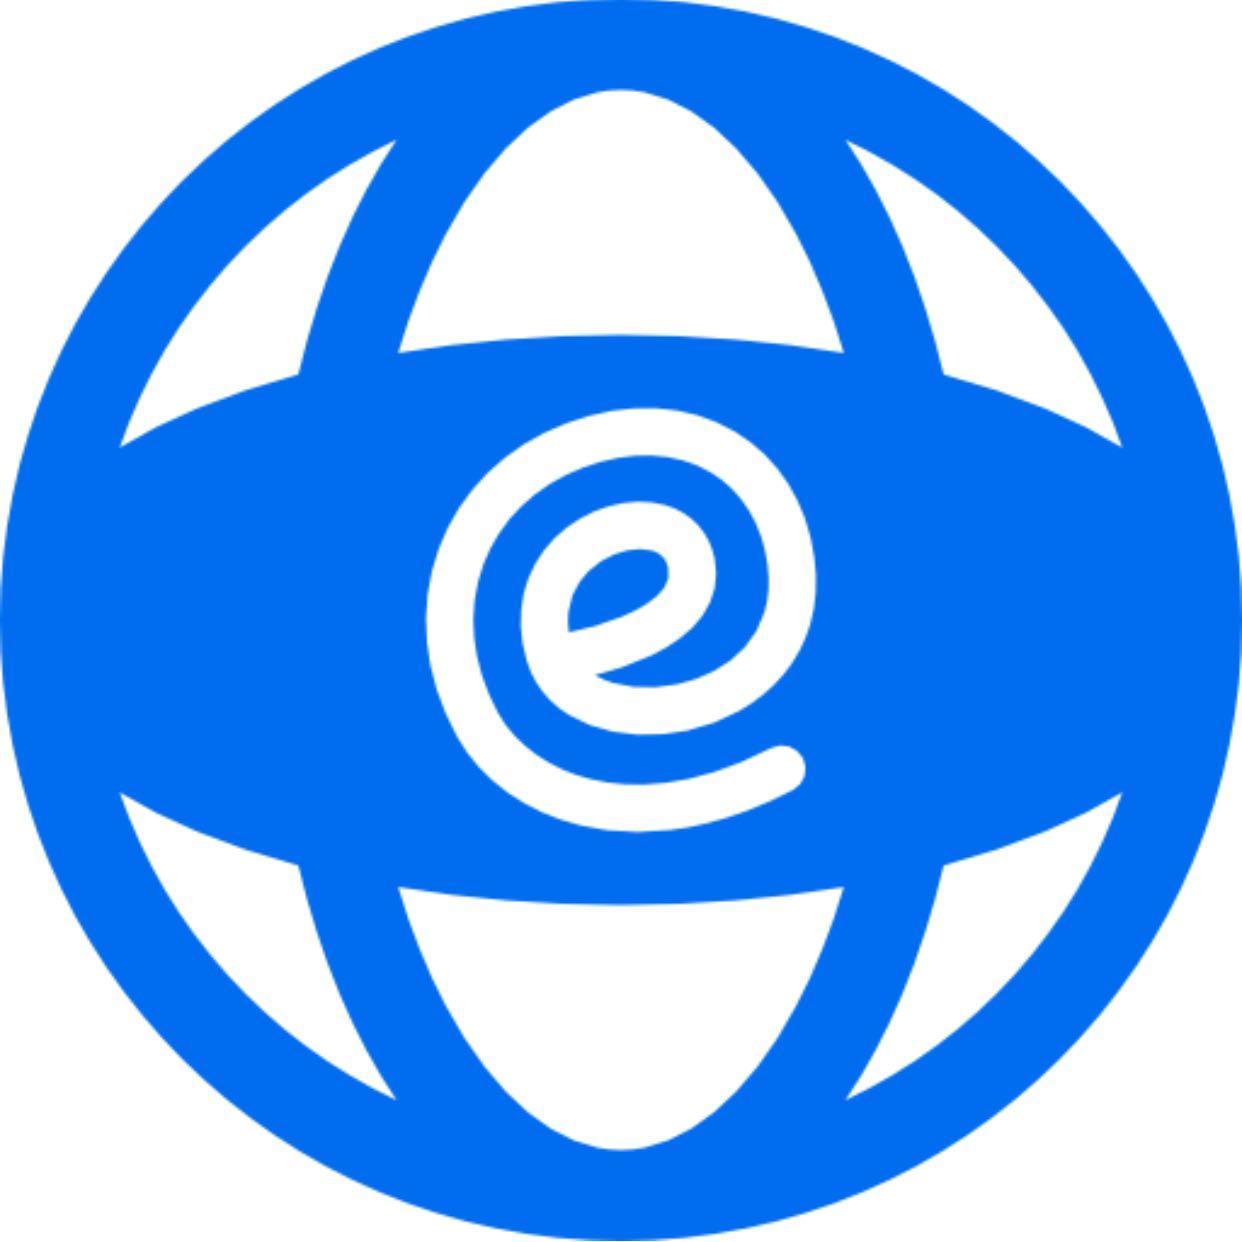 globe_e